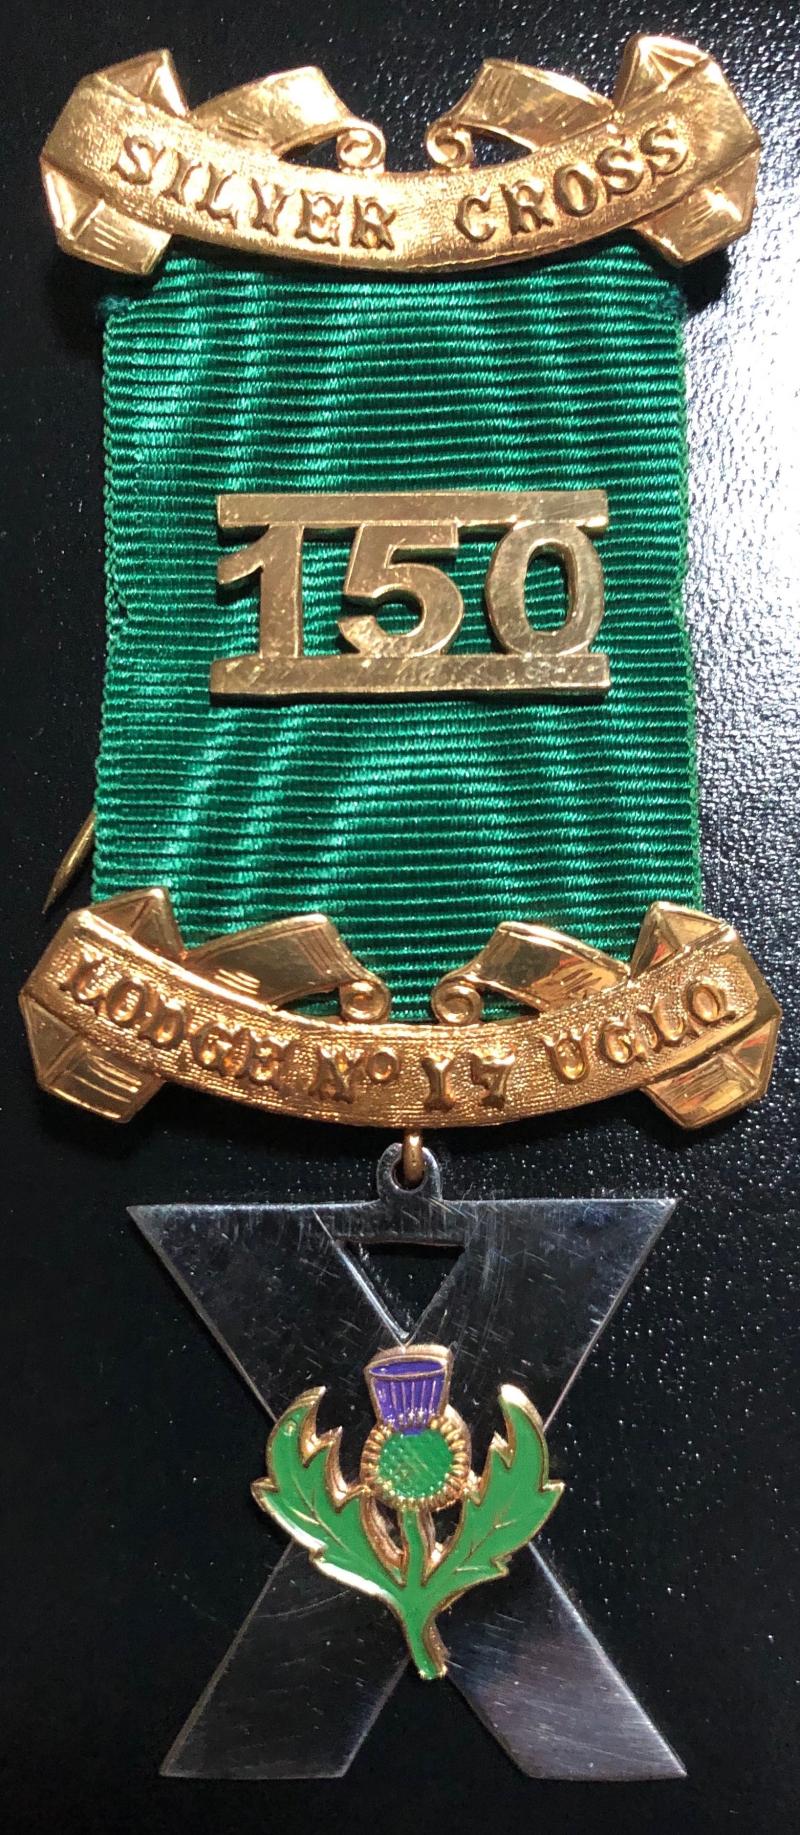 LSX 150 years